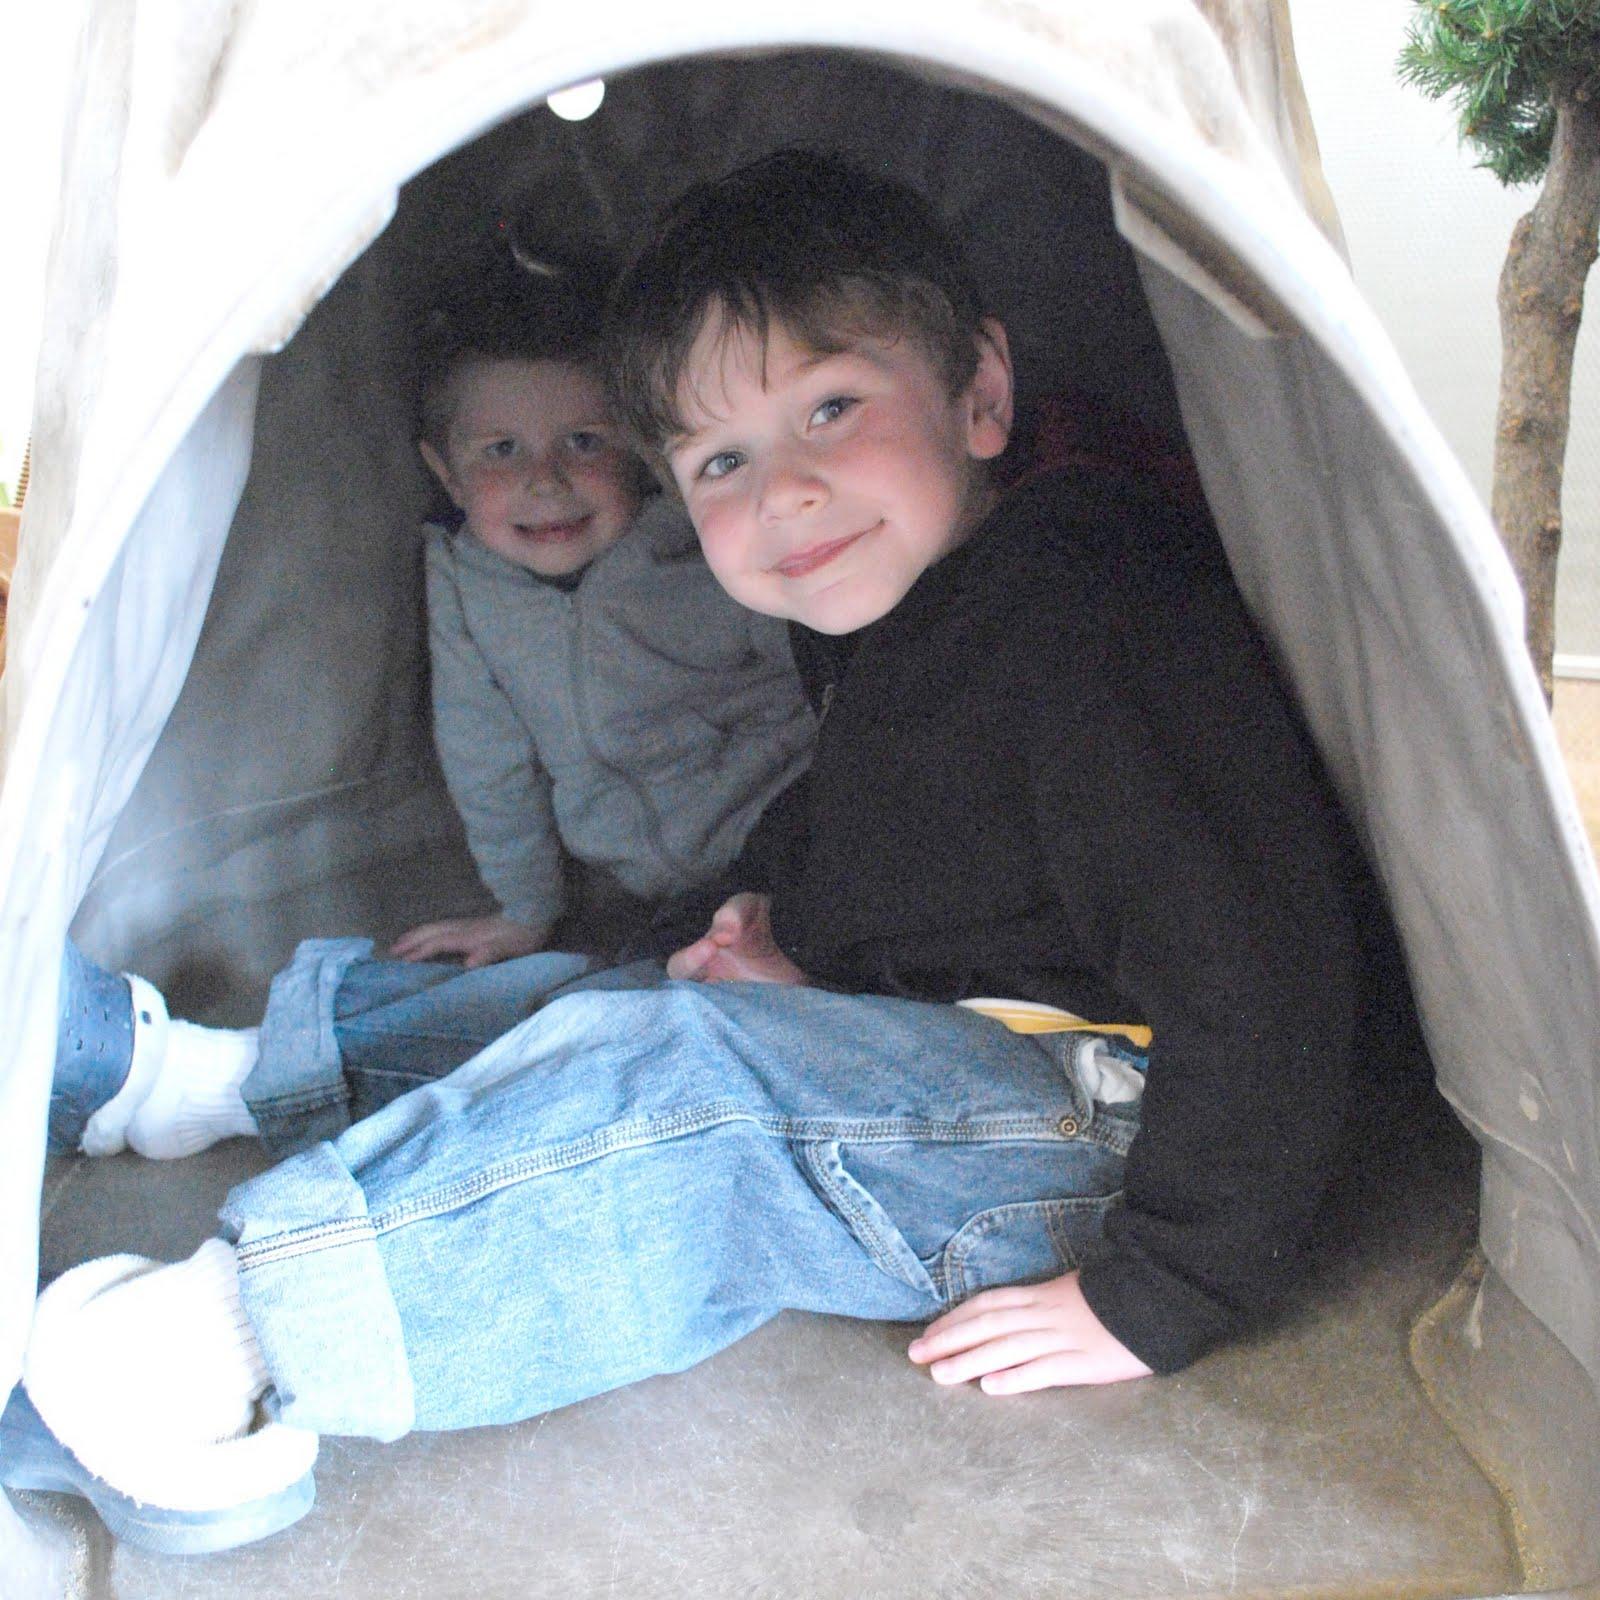 http://1.bp.blogspot.com/-TjFvsiDuQJQ/TdFf8I9j5kI/AAAAAAAAIVI/u1b0xWuYtEY/s1600/ogden_nature_cave.jpg